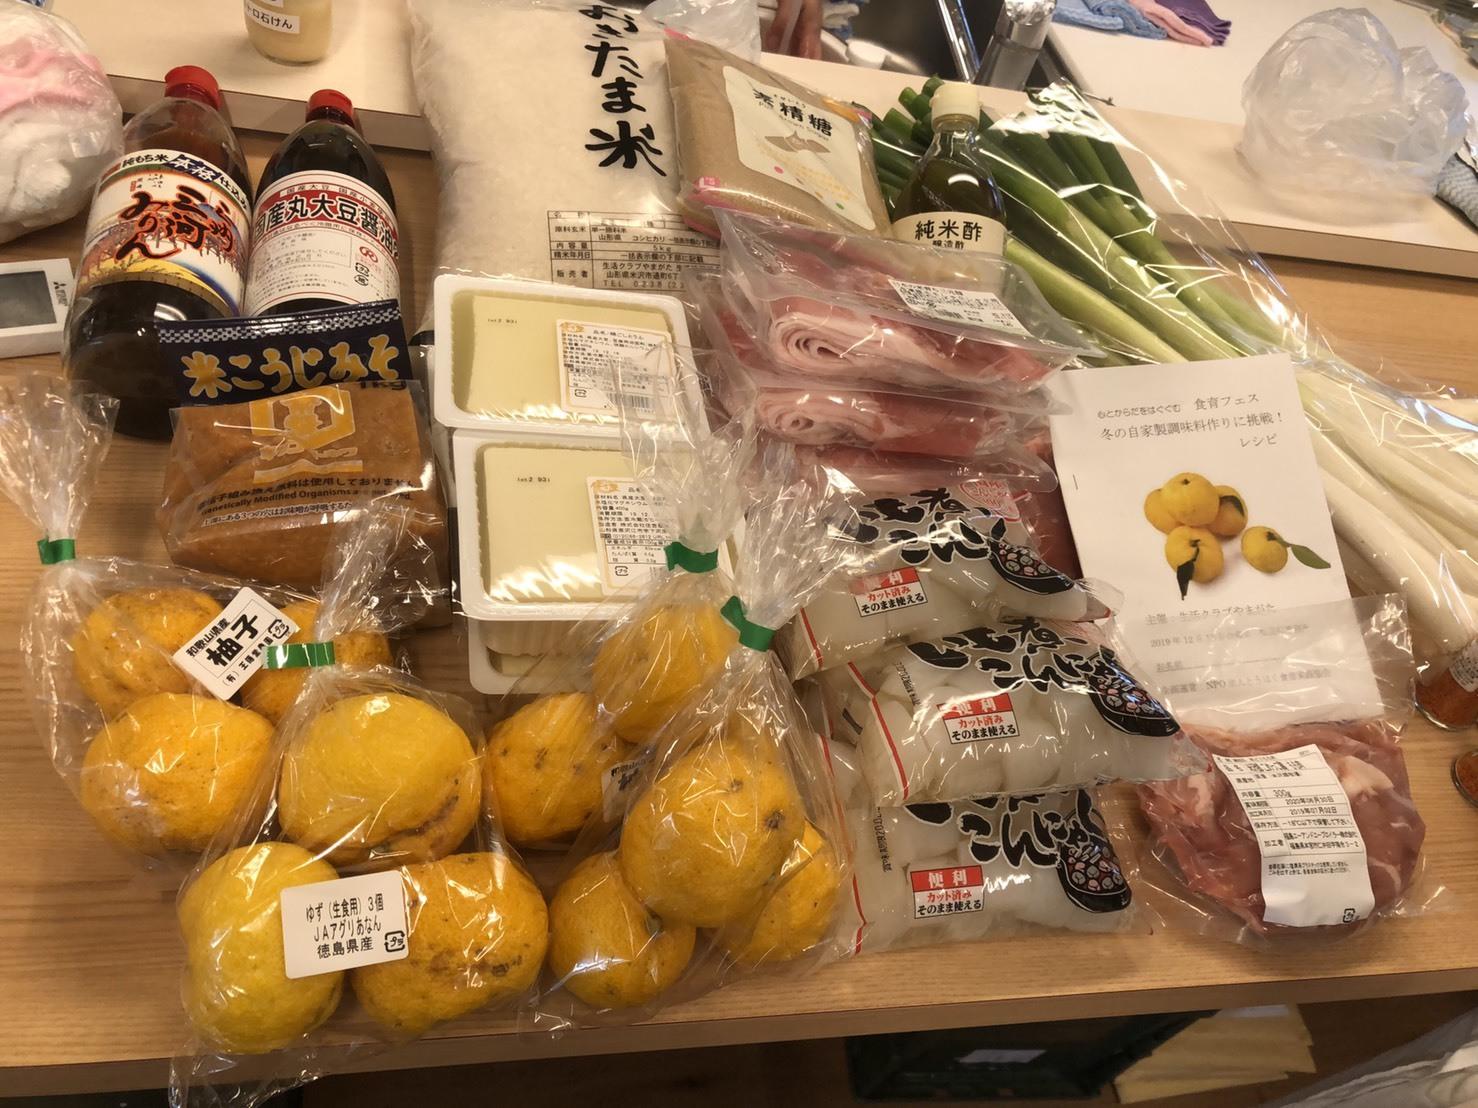 第2回食育フェスin山形~冬の自家製調味料作りに挑戦!~_b0297136_11505419.jpg